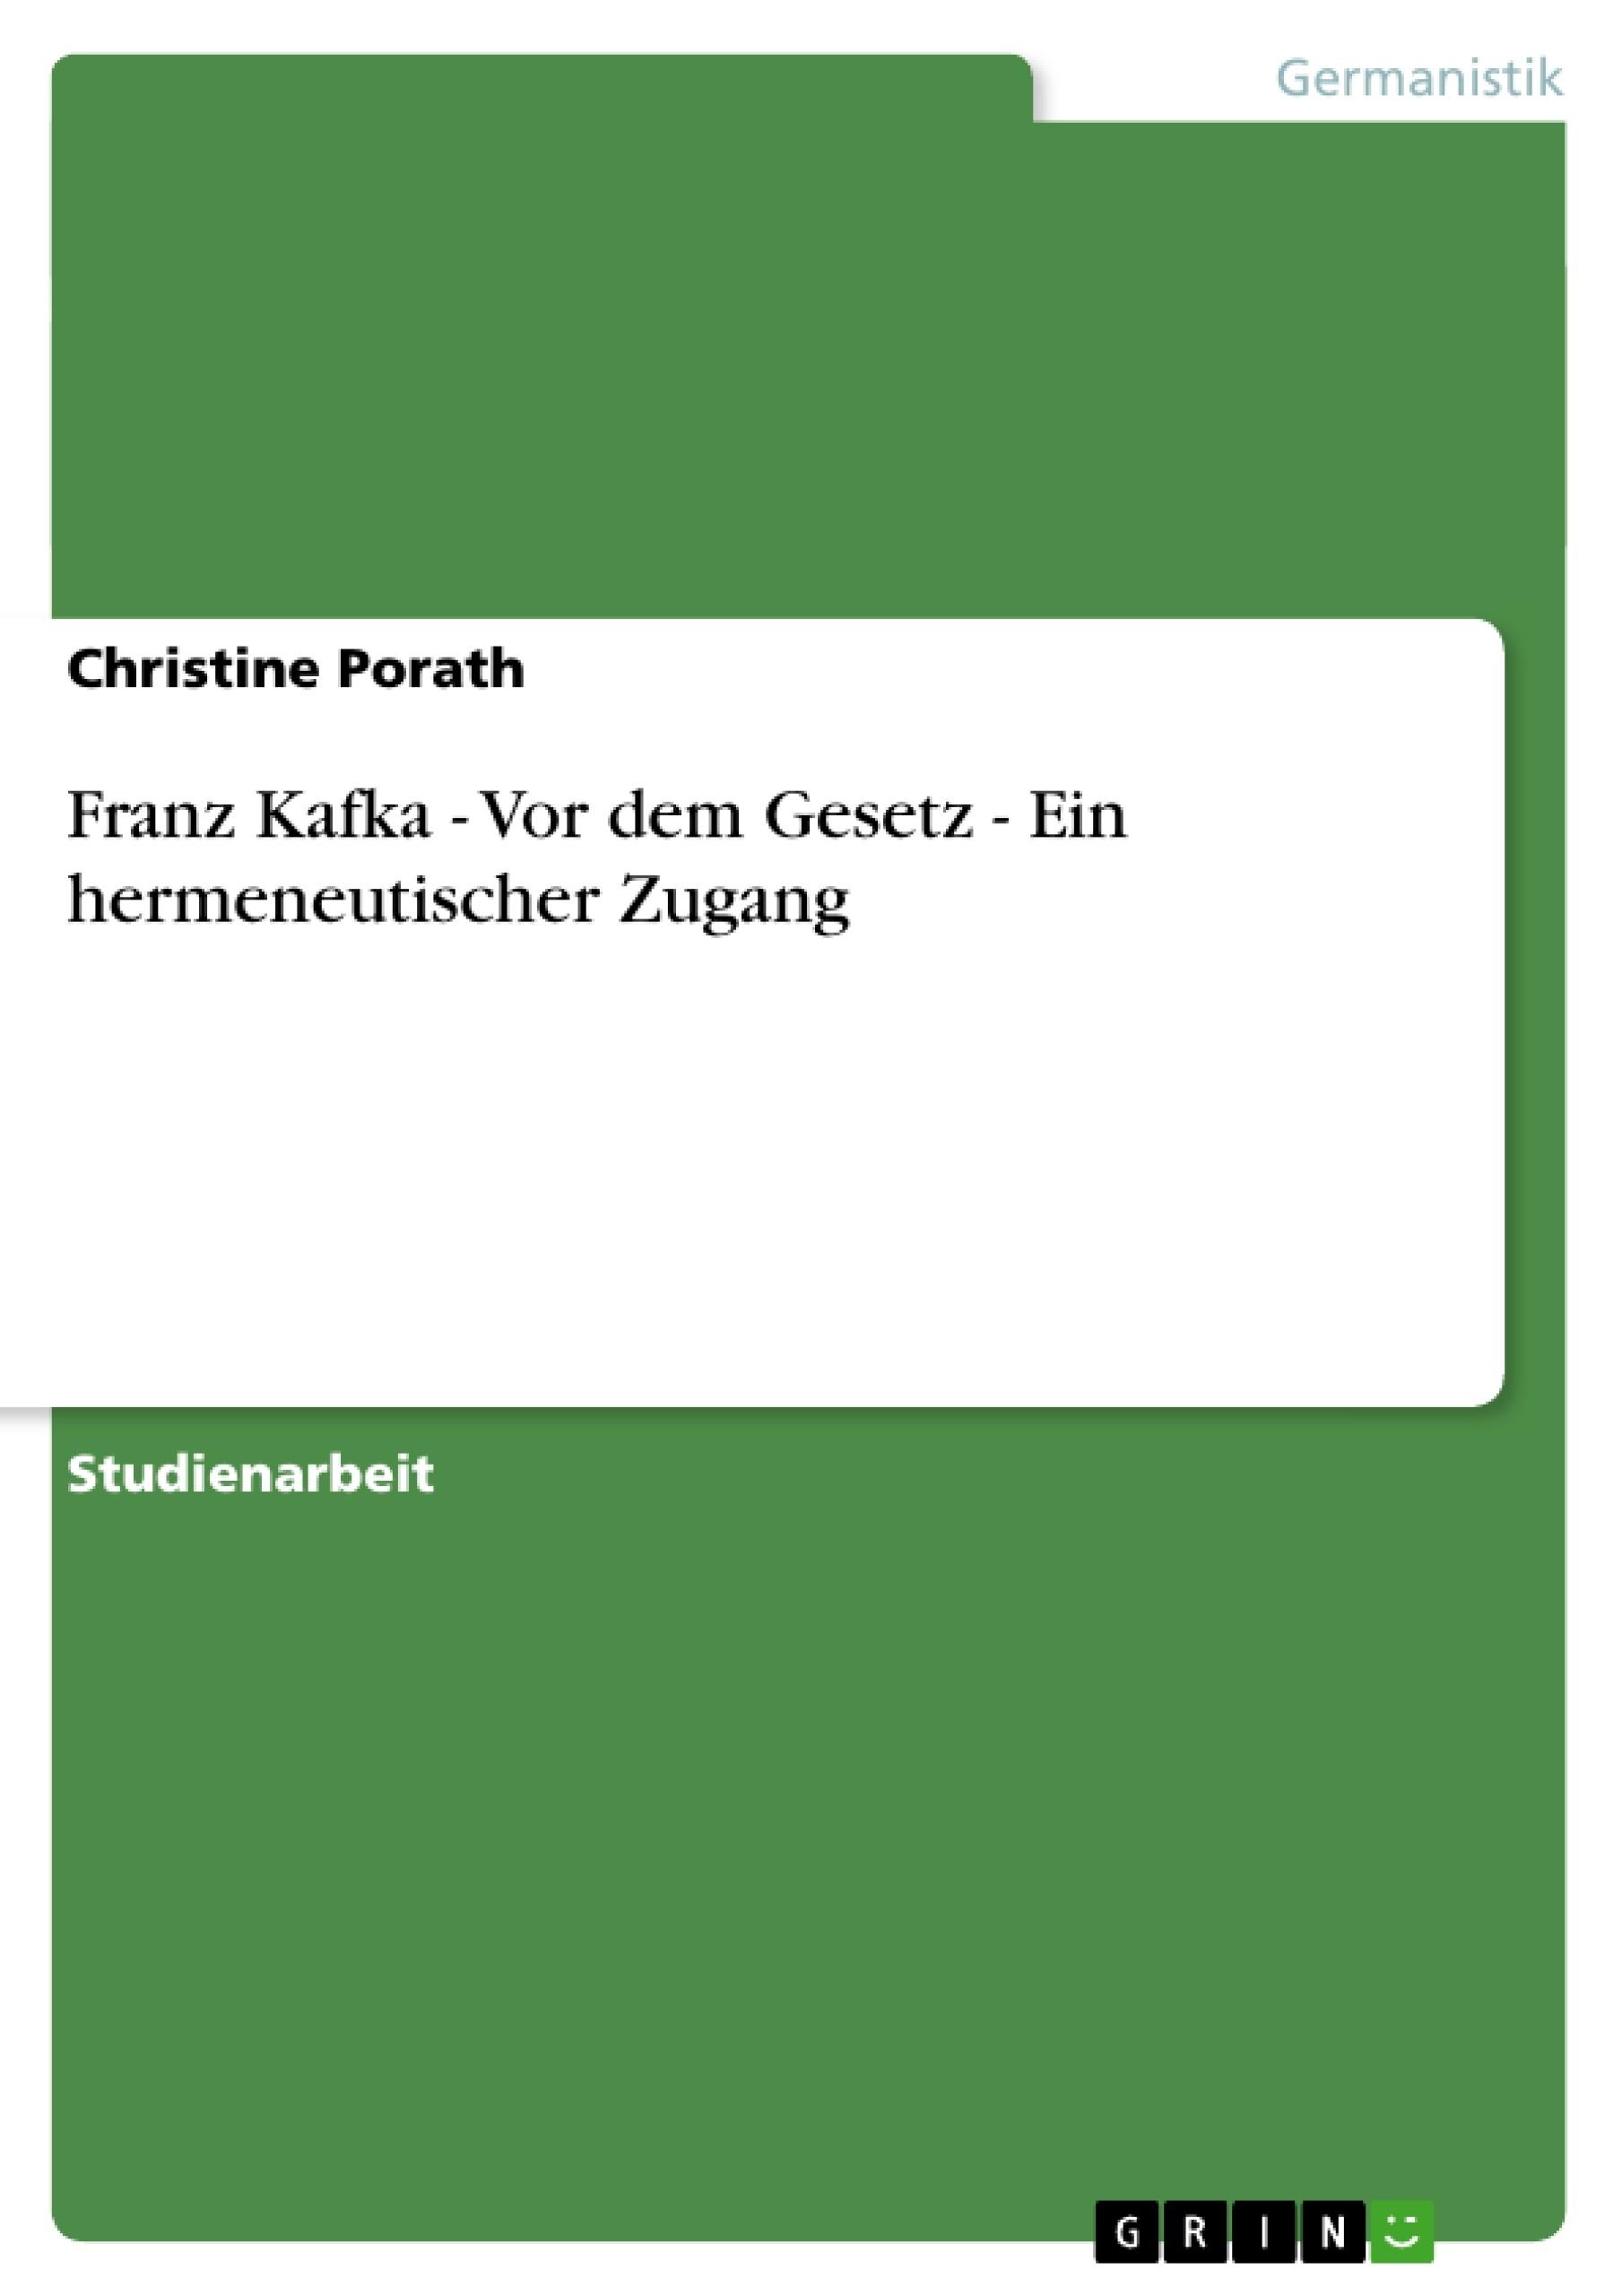 Titel: Franz Kafka - Vor dem Gesetz - Ein hermeneutischer Zugang